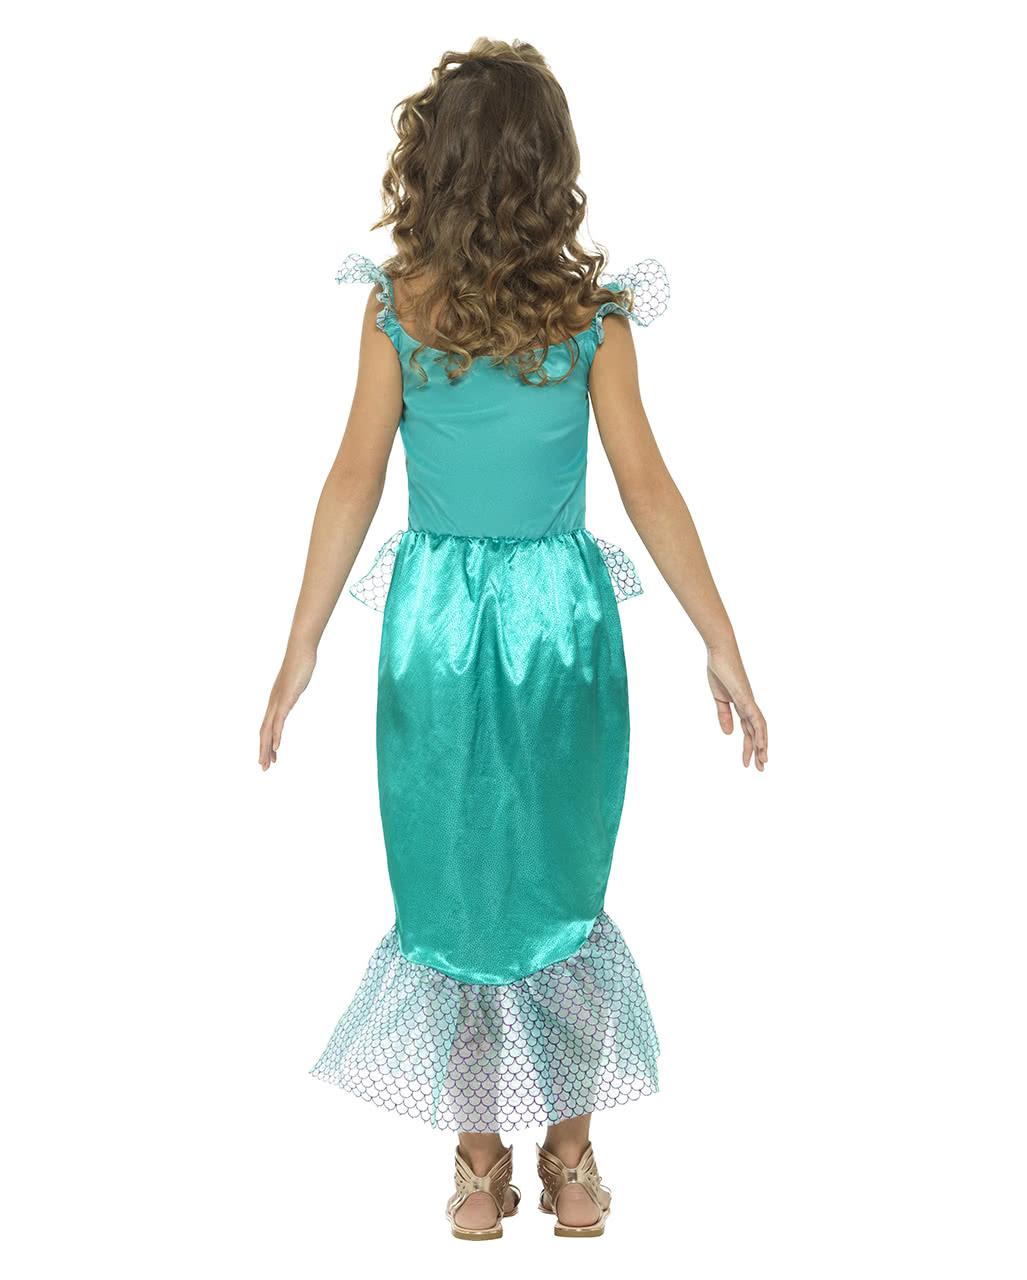 Meerjungfrau Kinderkostüm | Nixen-Verkleidung | Horror-Shop.com